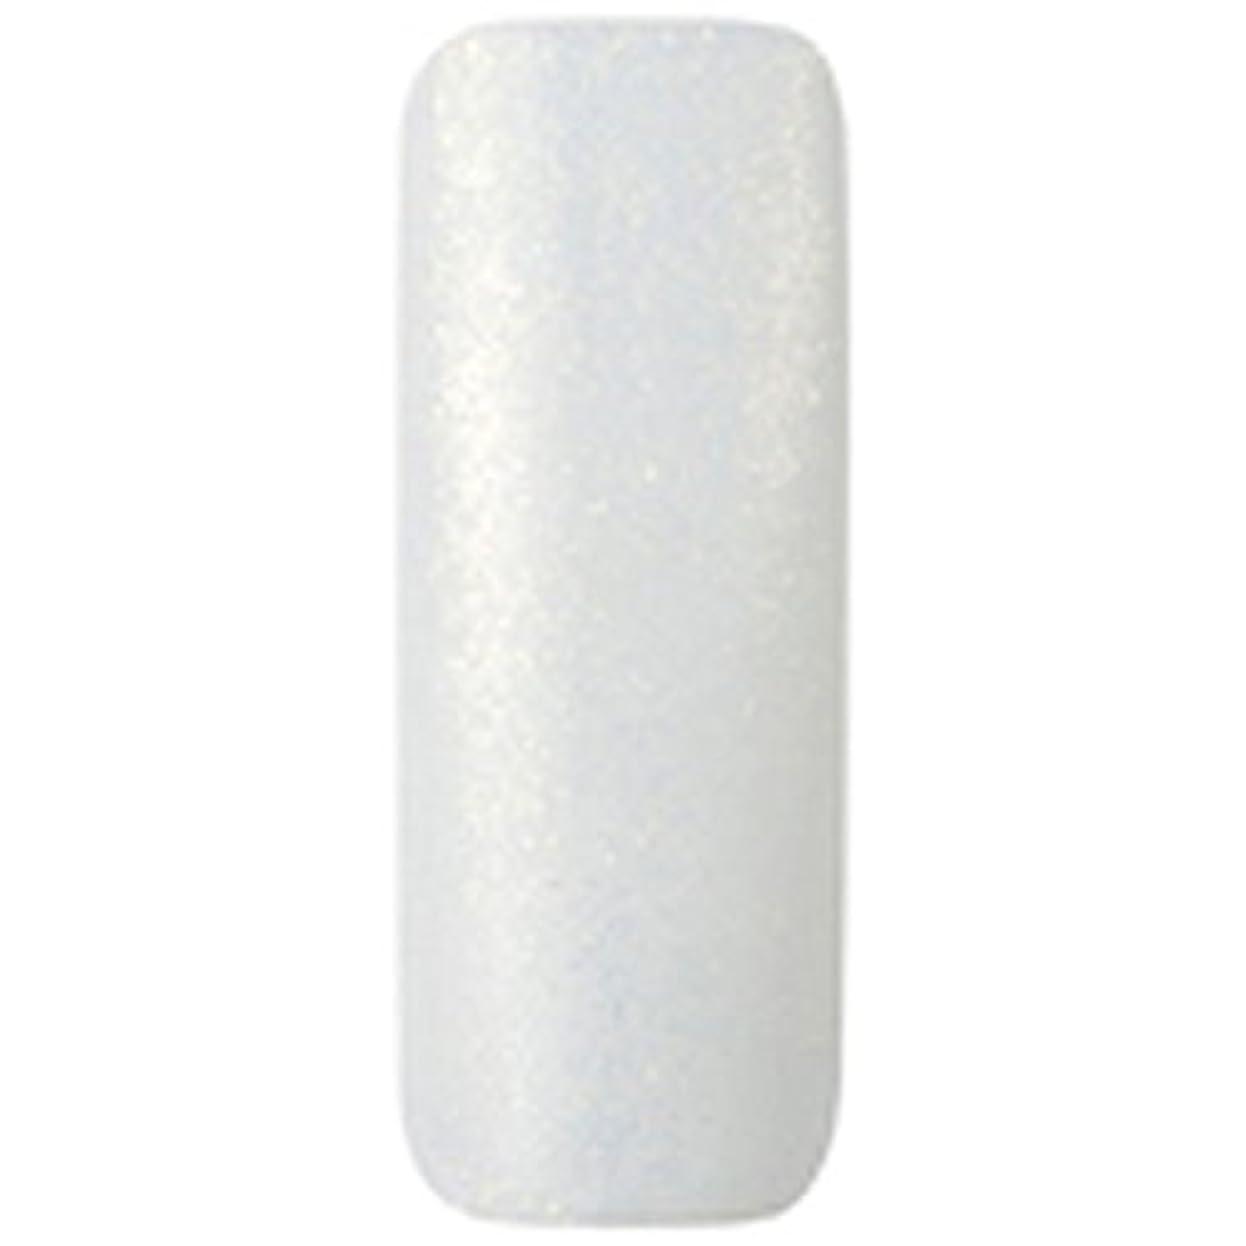 増幅器識別手入れグリッター 2g イエローダイヤモンド